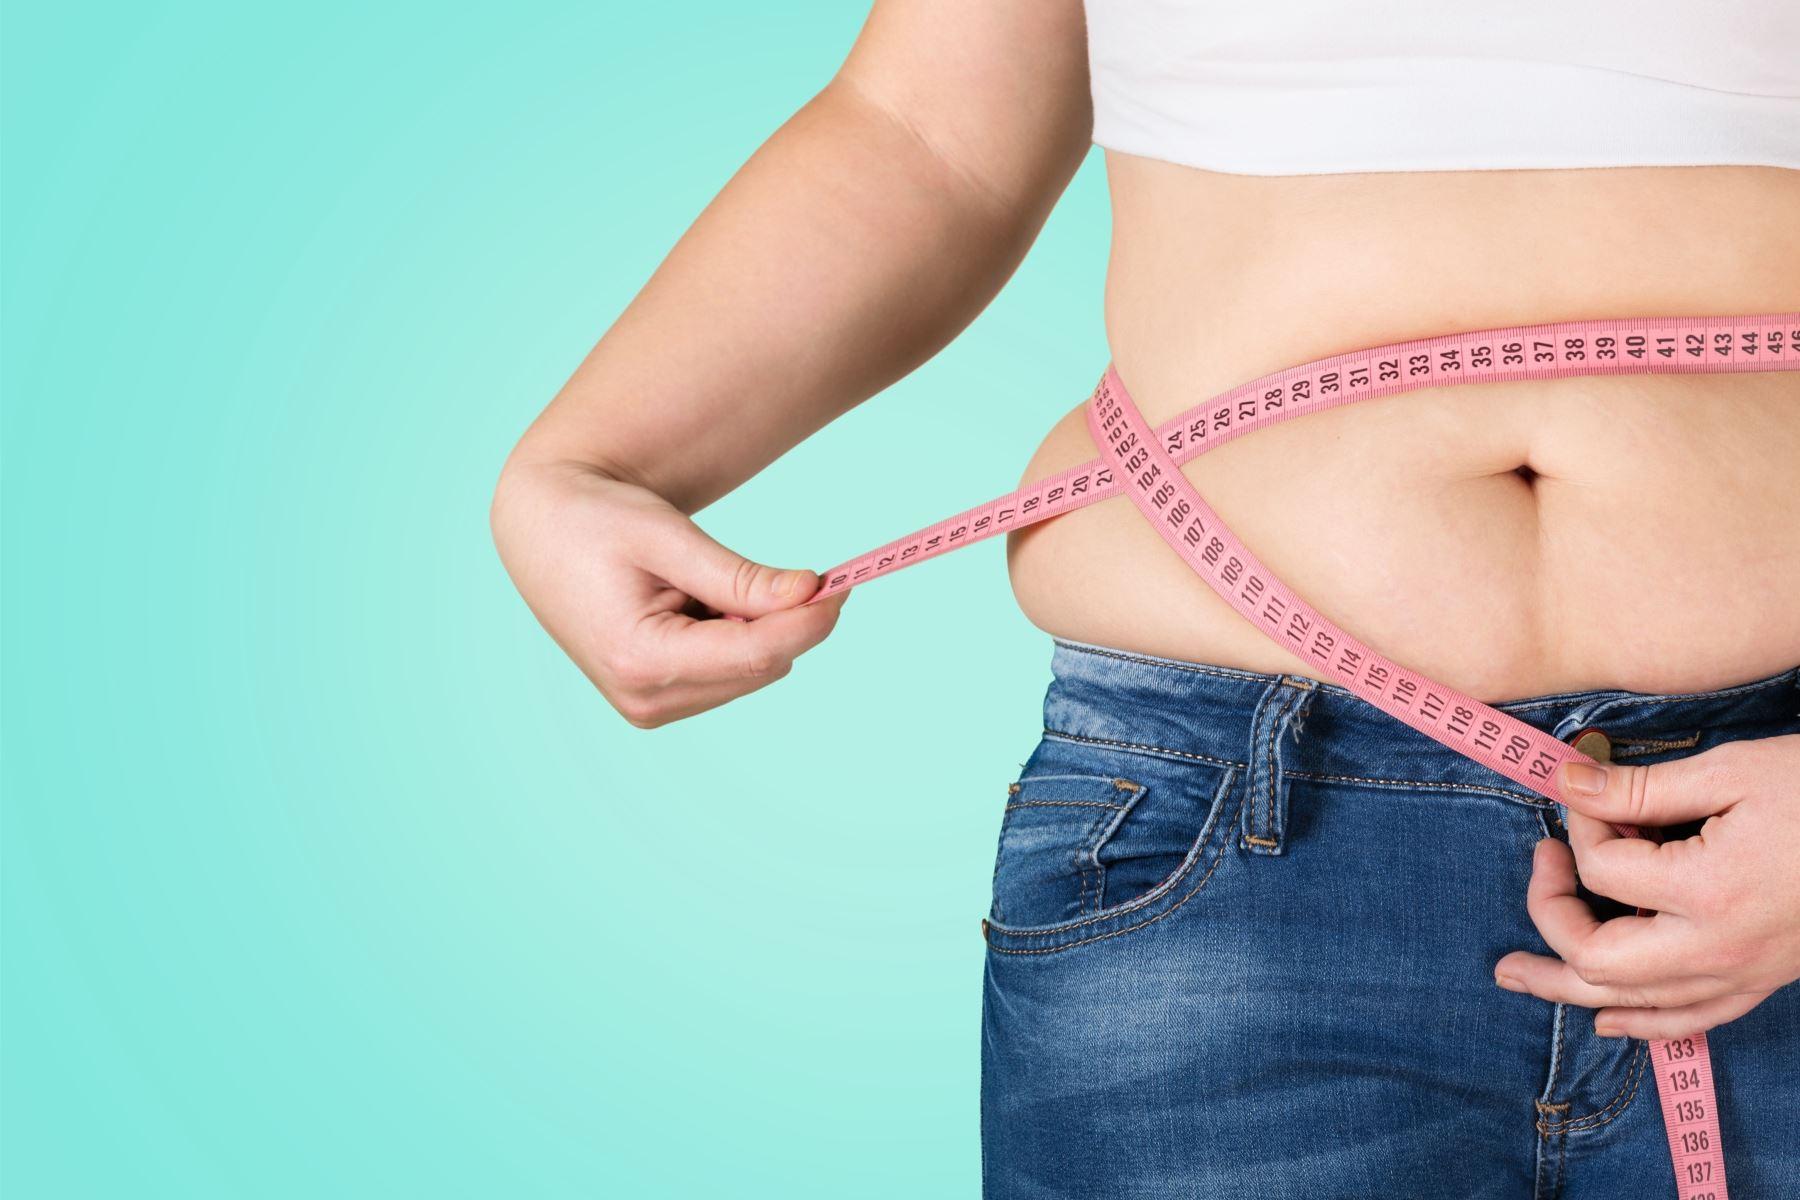 La nutricionista Saby Mauricio sostiene que uno de los errores que cometen las personas que quieren bajar de peso es quitarse la comida. Foto: ANDINA/Cortesía